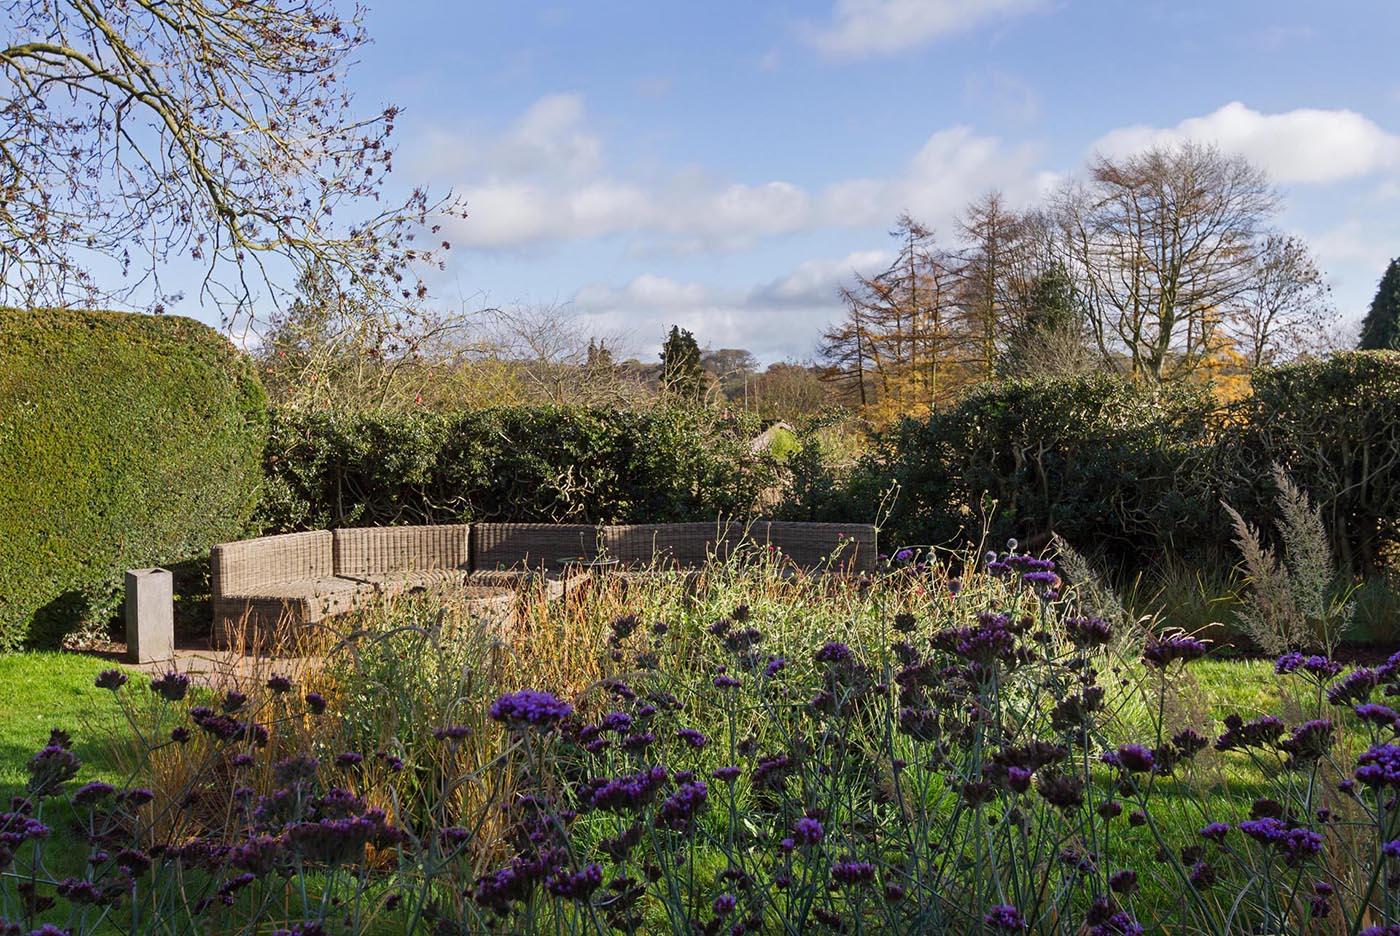 A large outdoor sofa tucked away into a garden.